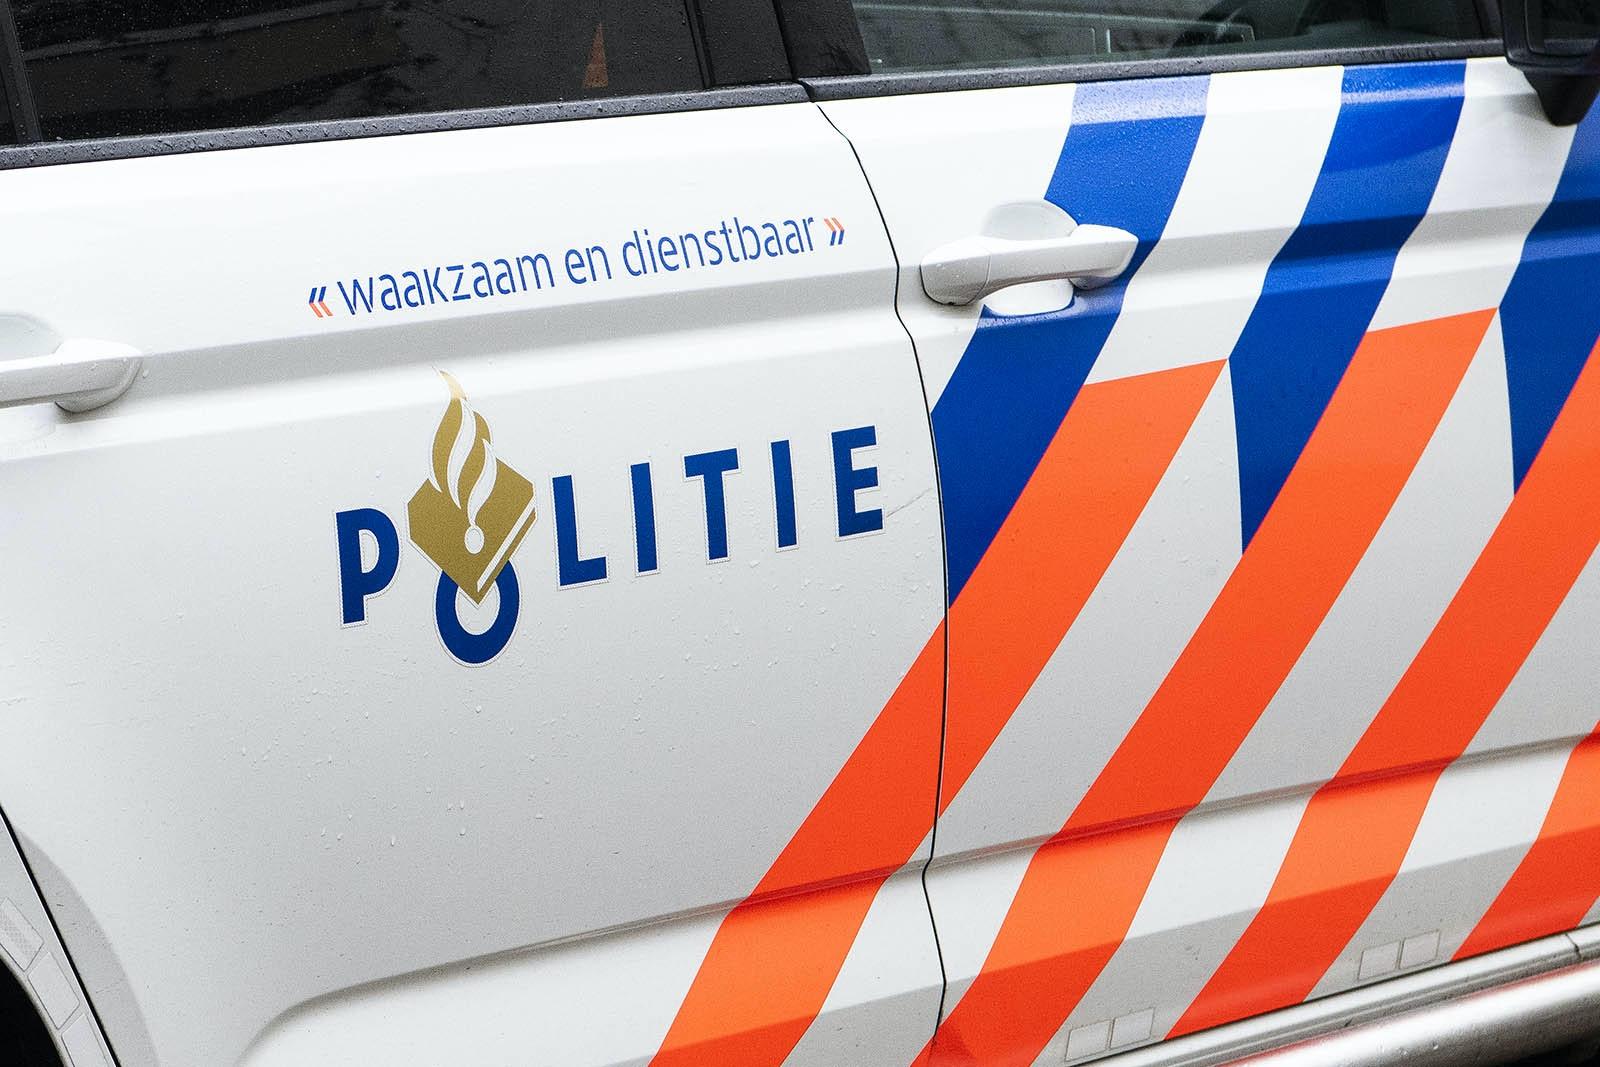 Utrecht - Toezichthouder met opzet aangereden door jongens op scooter.